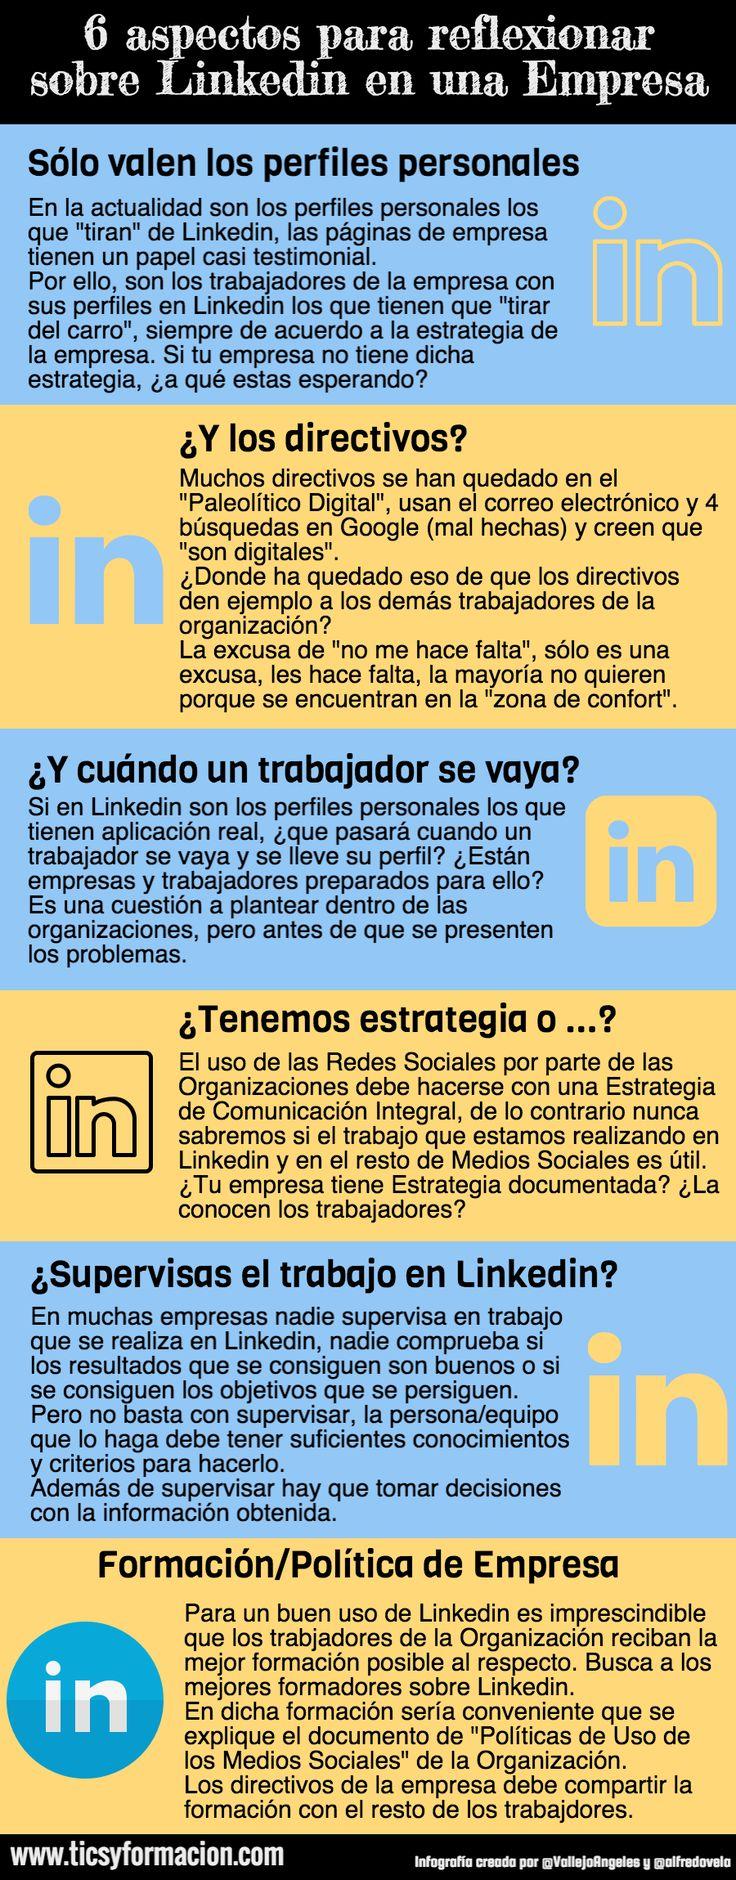 6 aspectos para reflexionar sobre Linkedin en una Empresa. #infografia